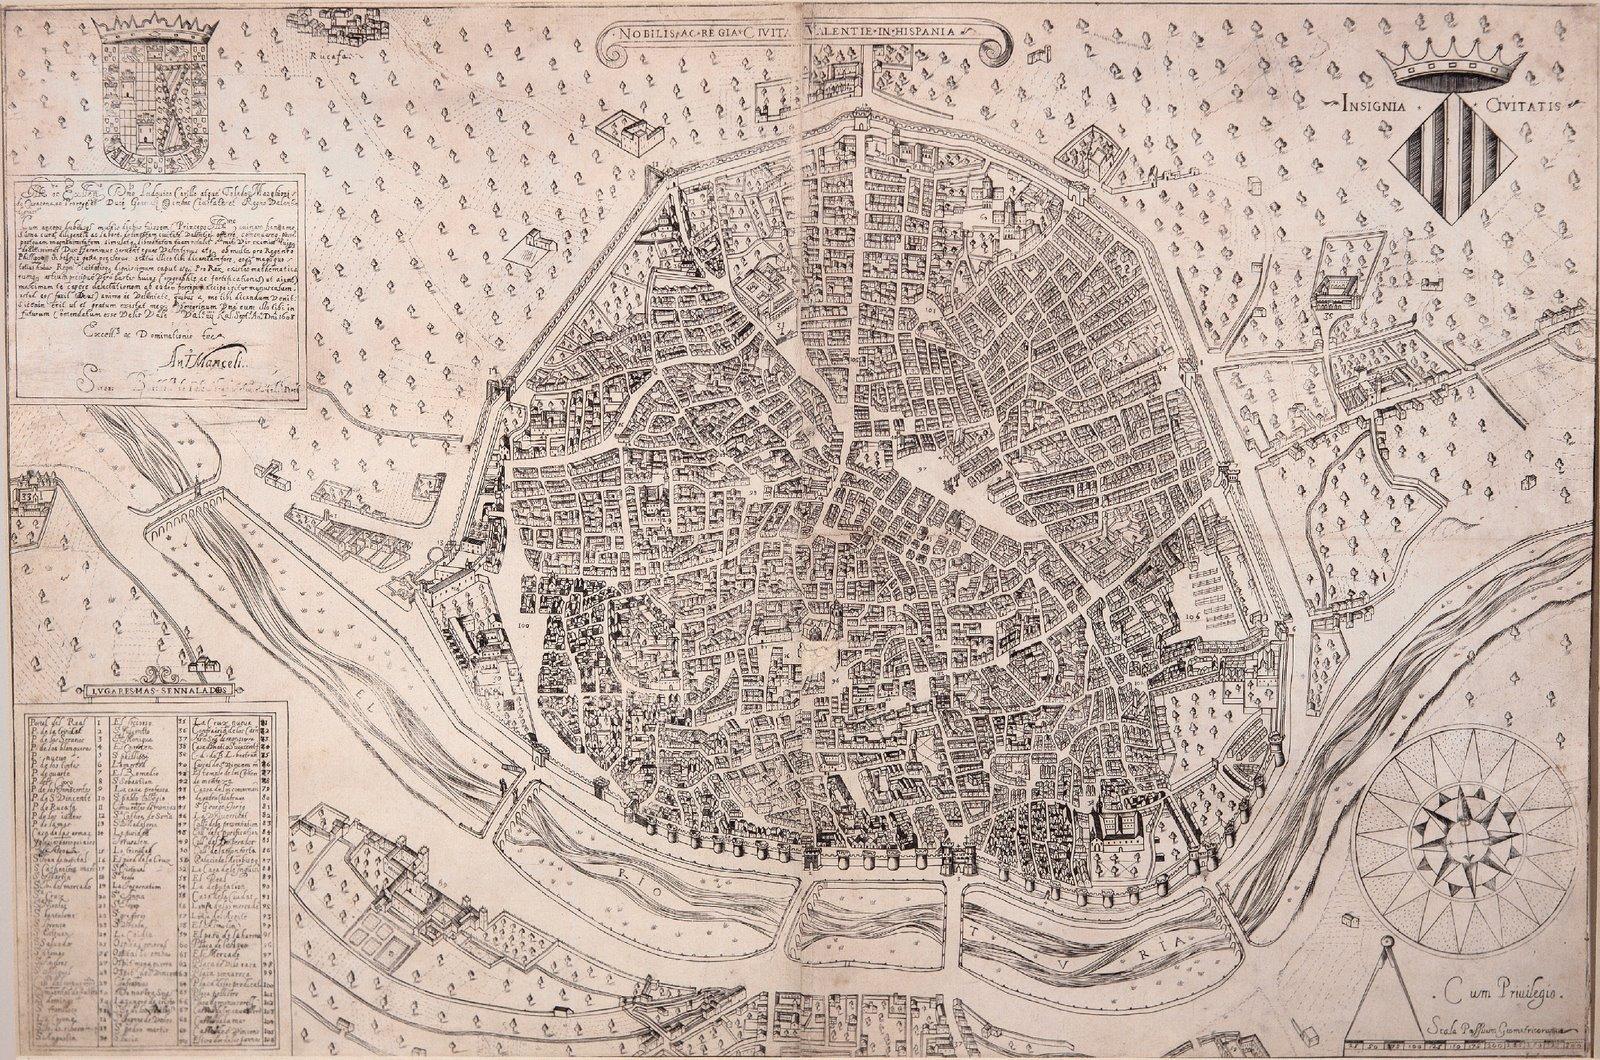 Nobilis ac regia civitas Valentie in Hispania 1608